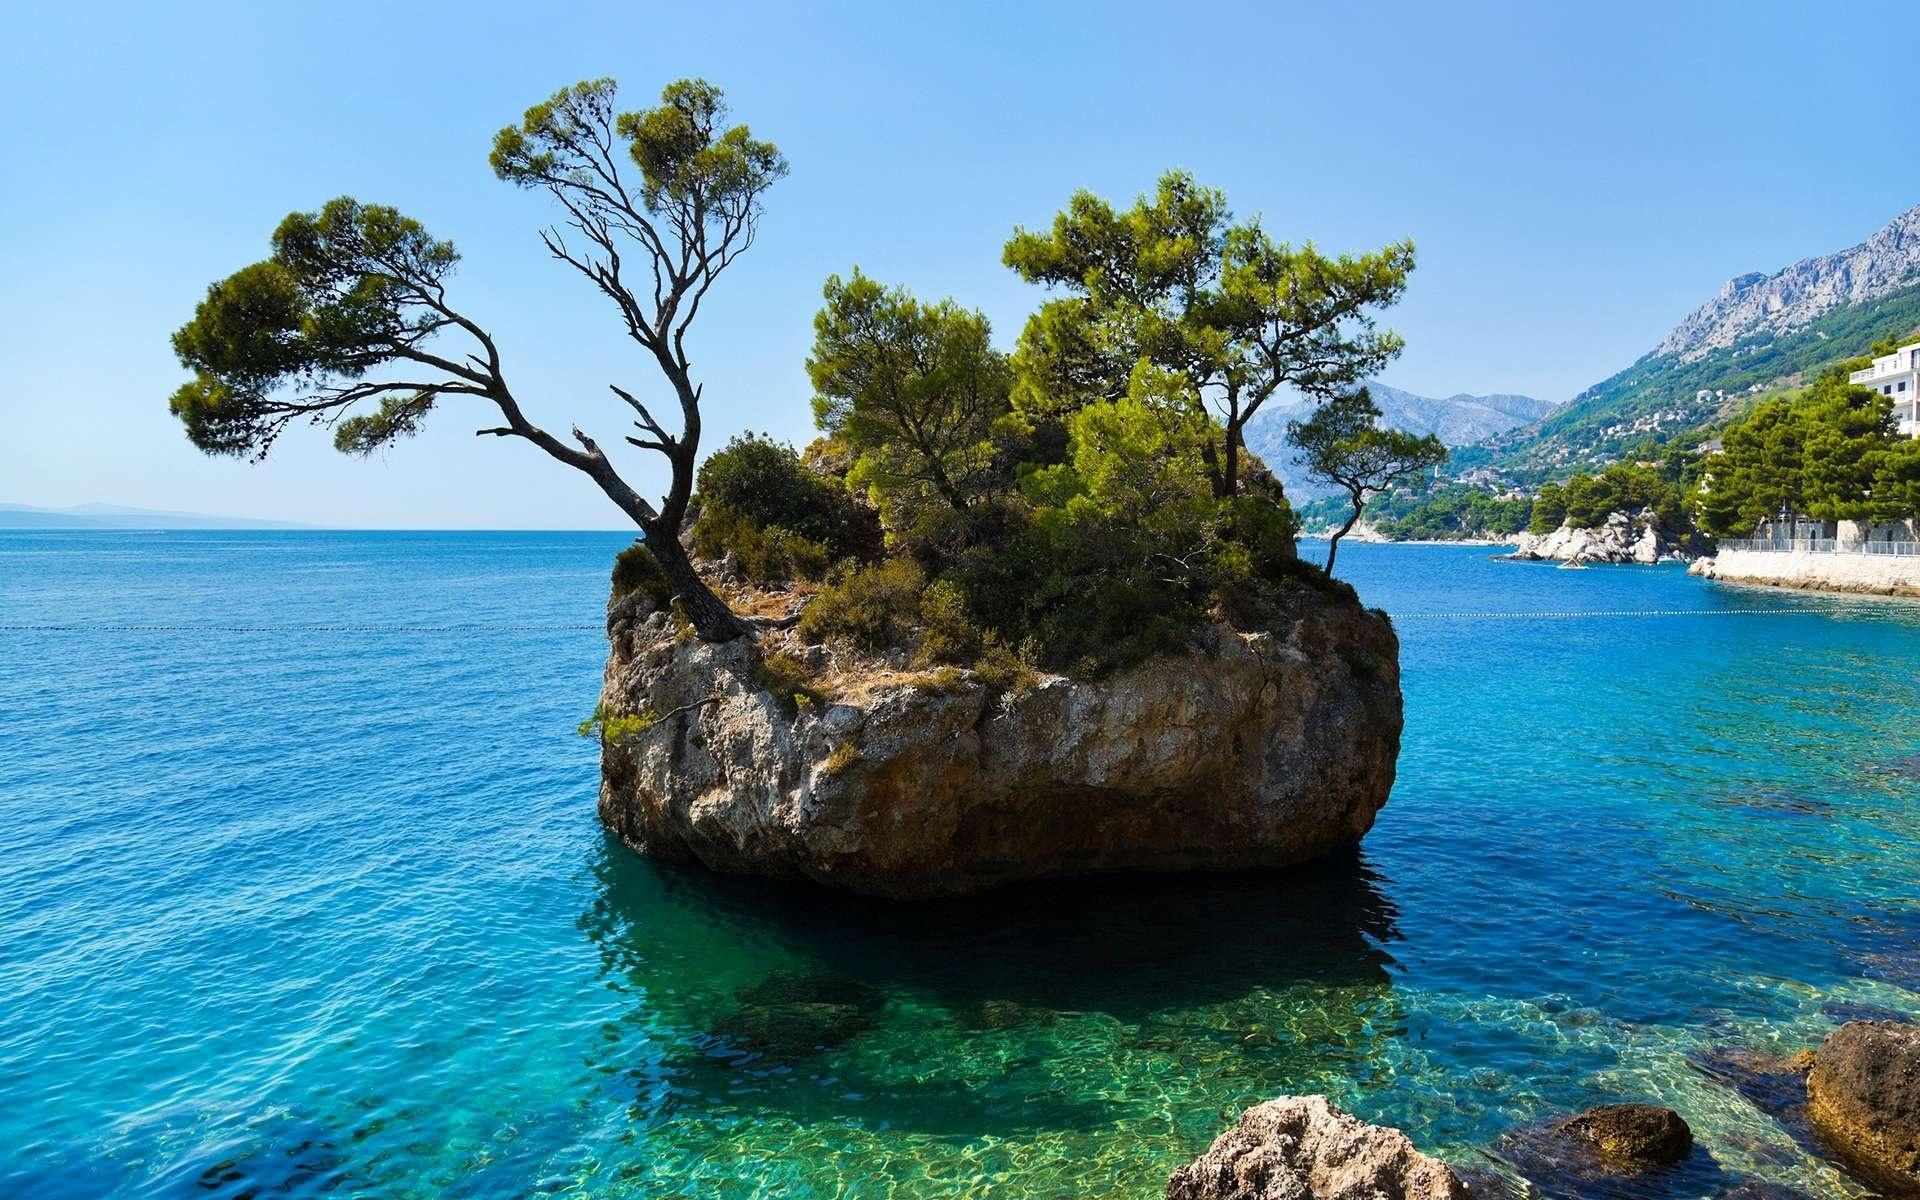 природа море остров деревья бесплатно